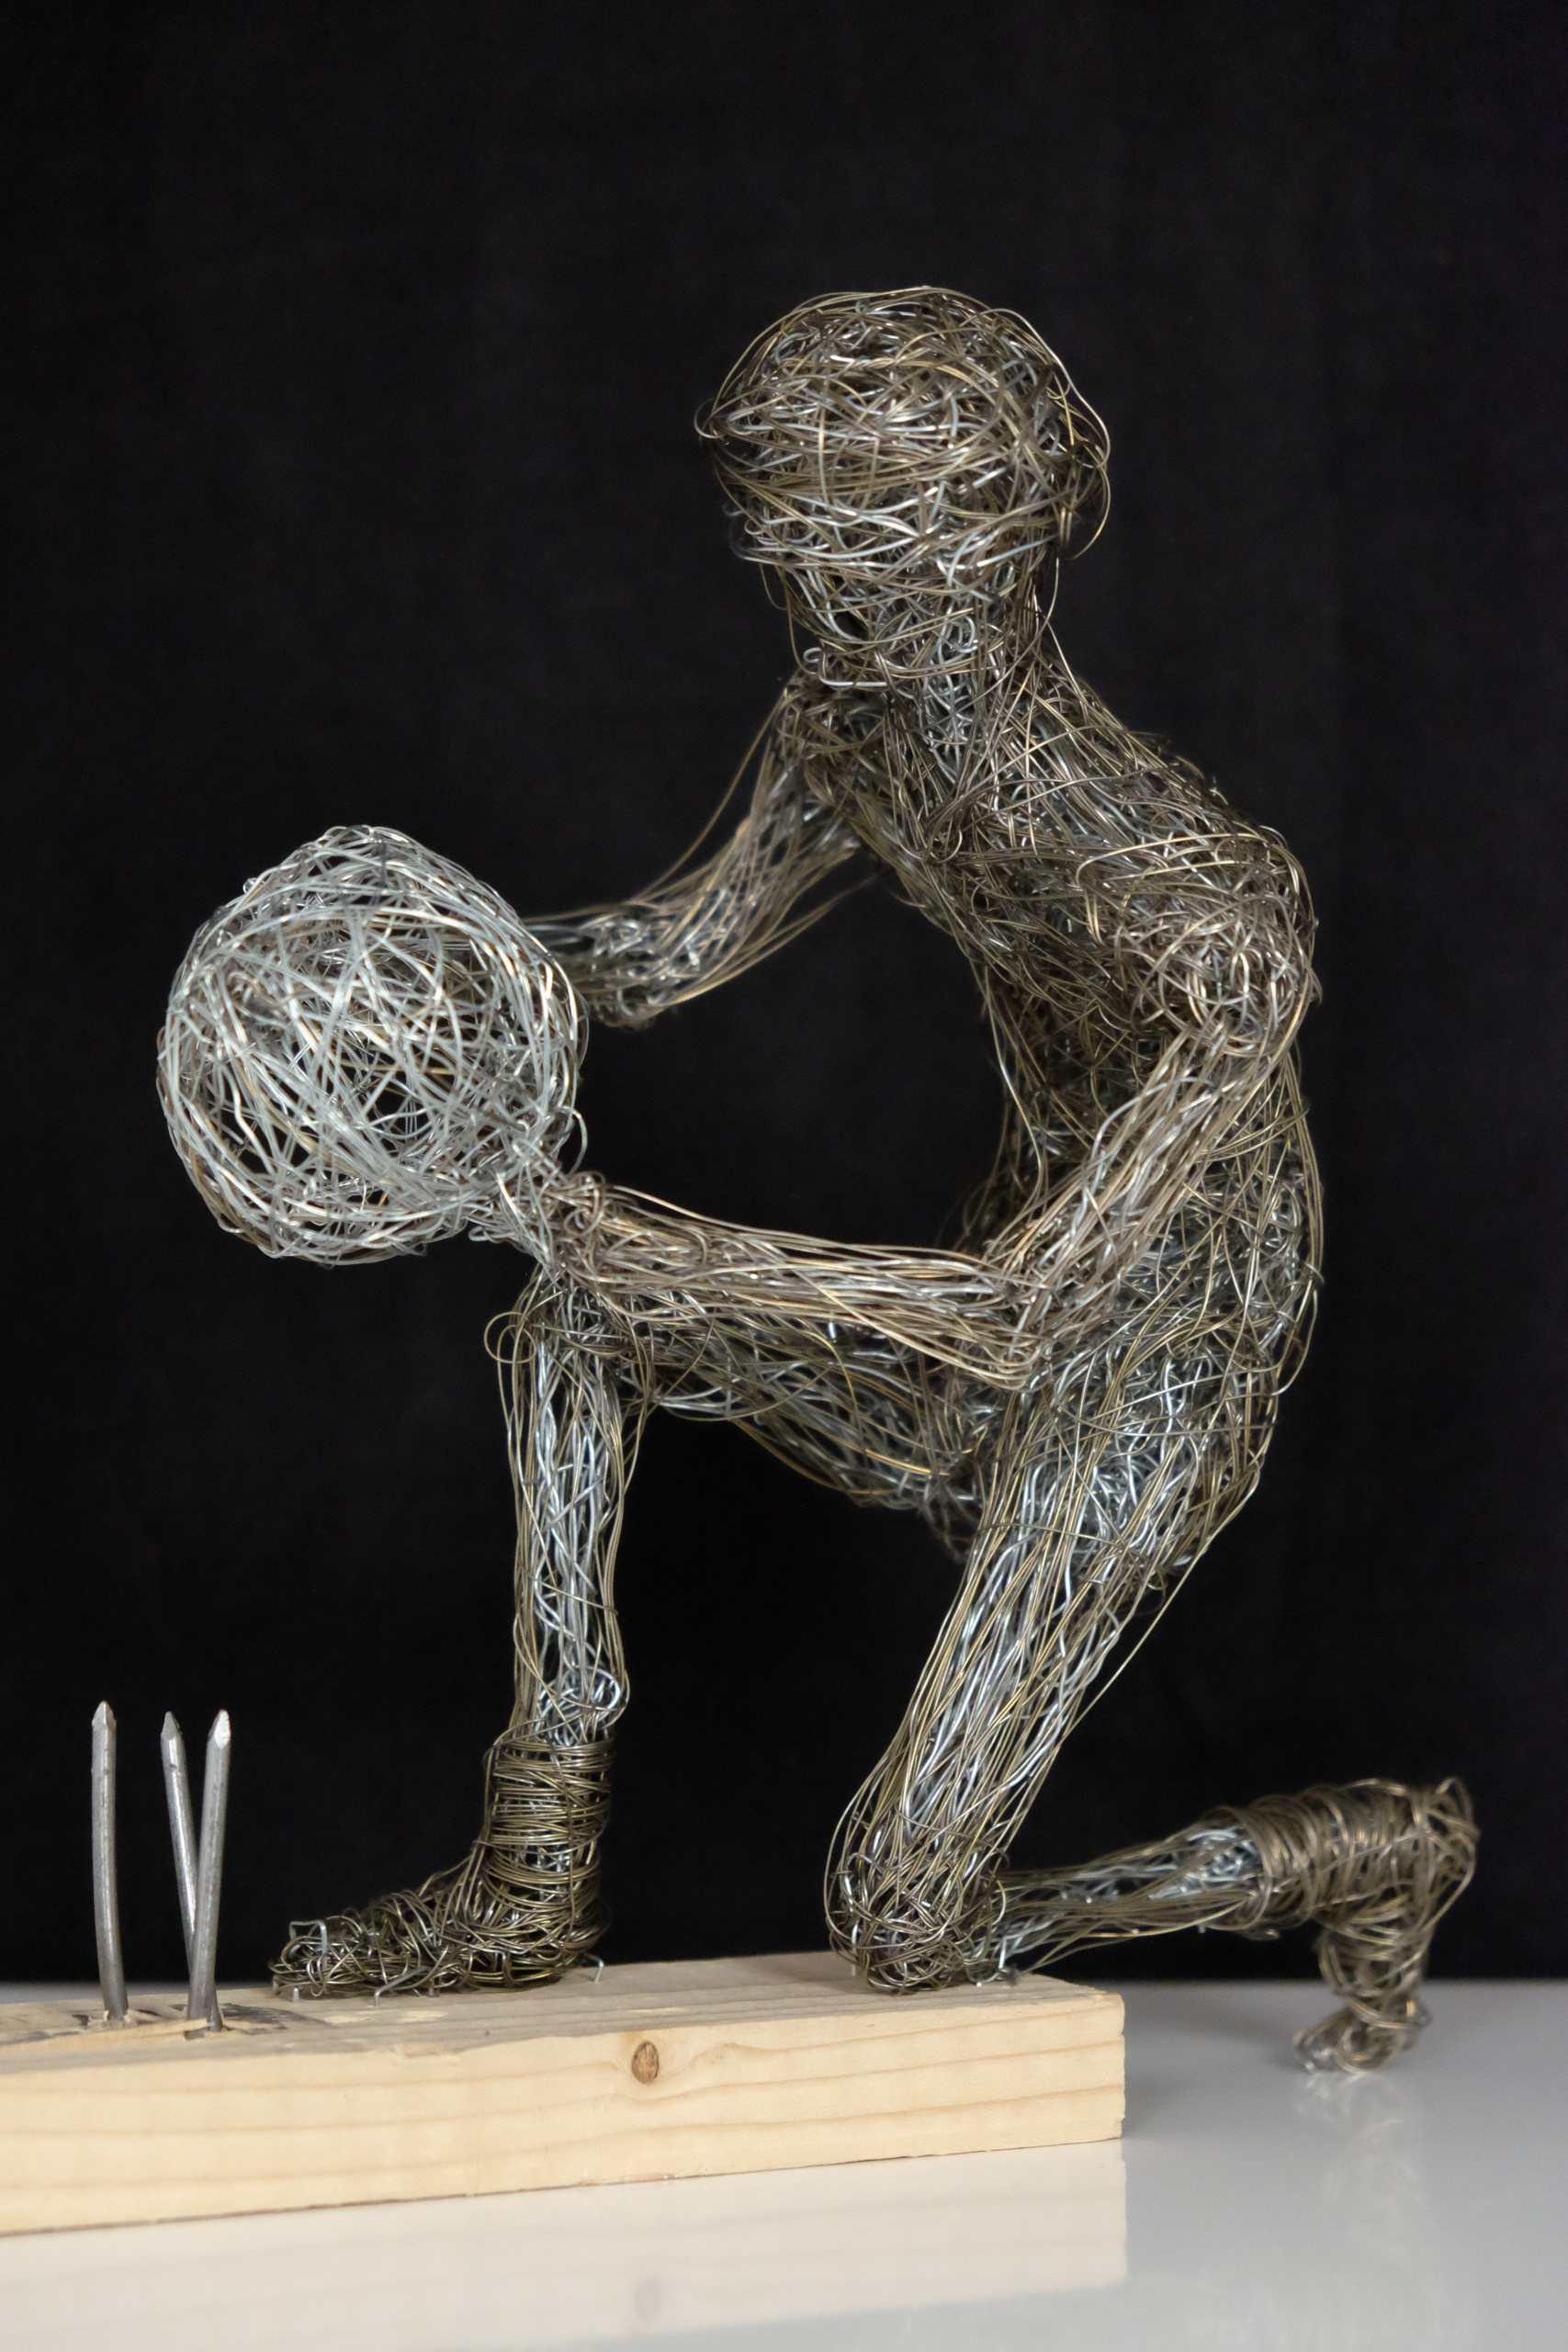 Drahtgeflecht Mensch und Welt von Murat Taskin